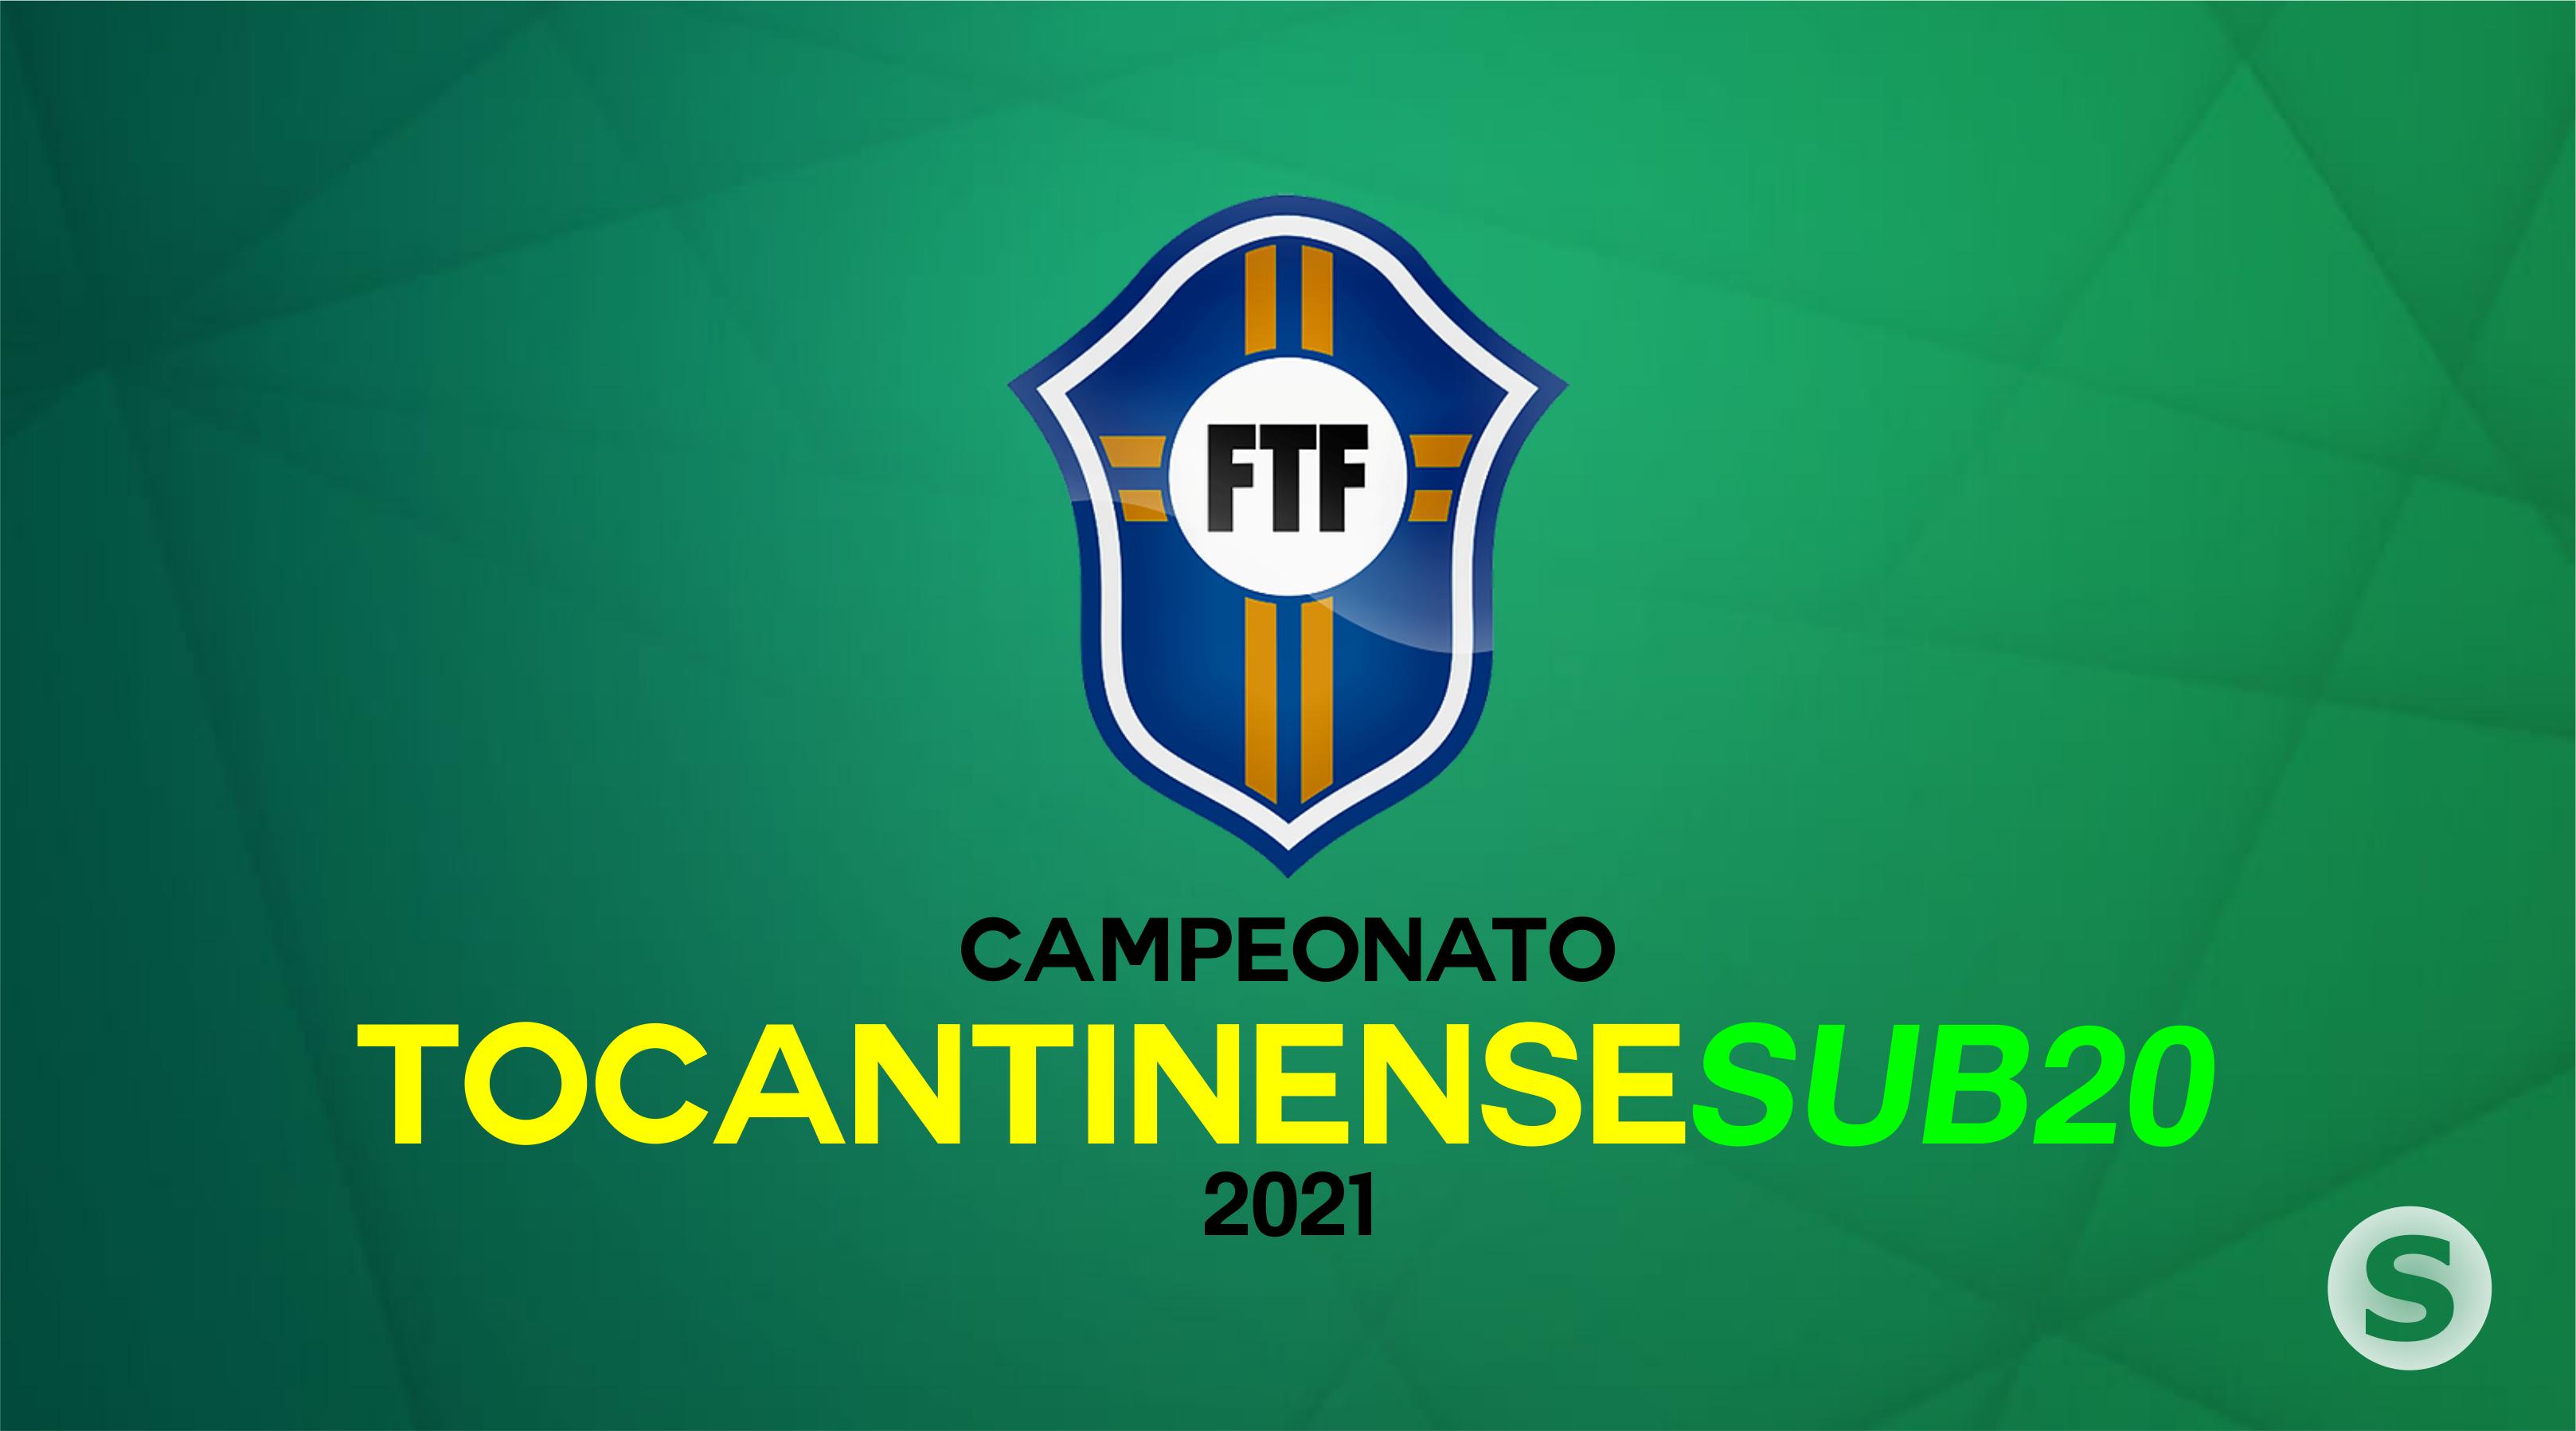 FTF divulga tabela e regulamento do Tocantinense de Futebol Sub-20 / 2021